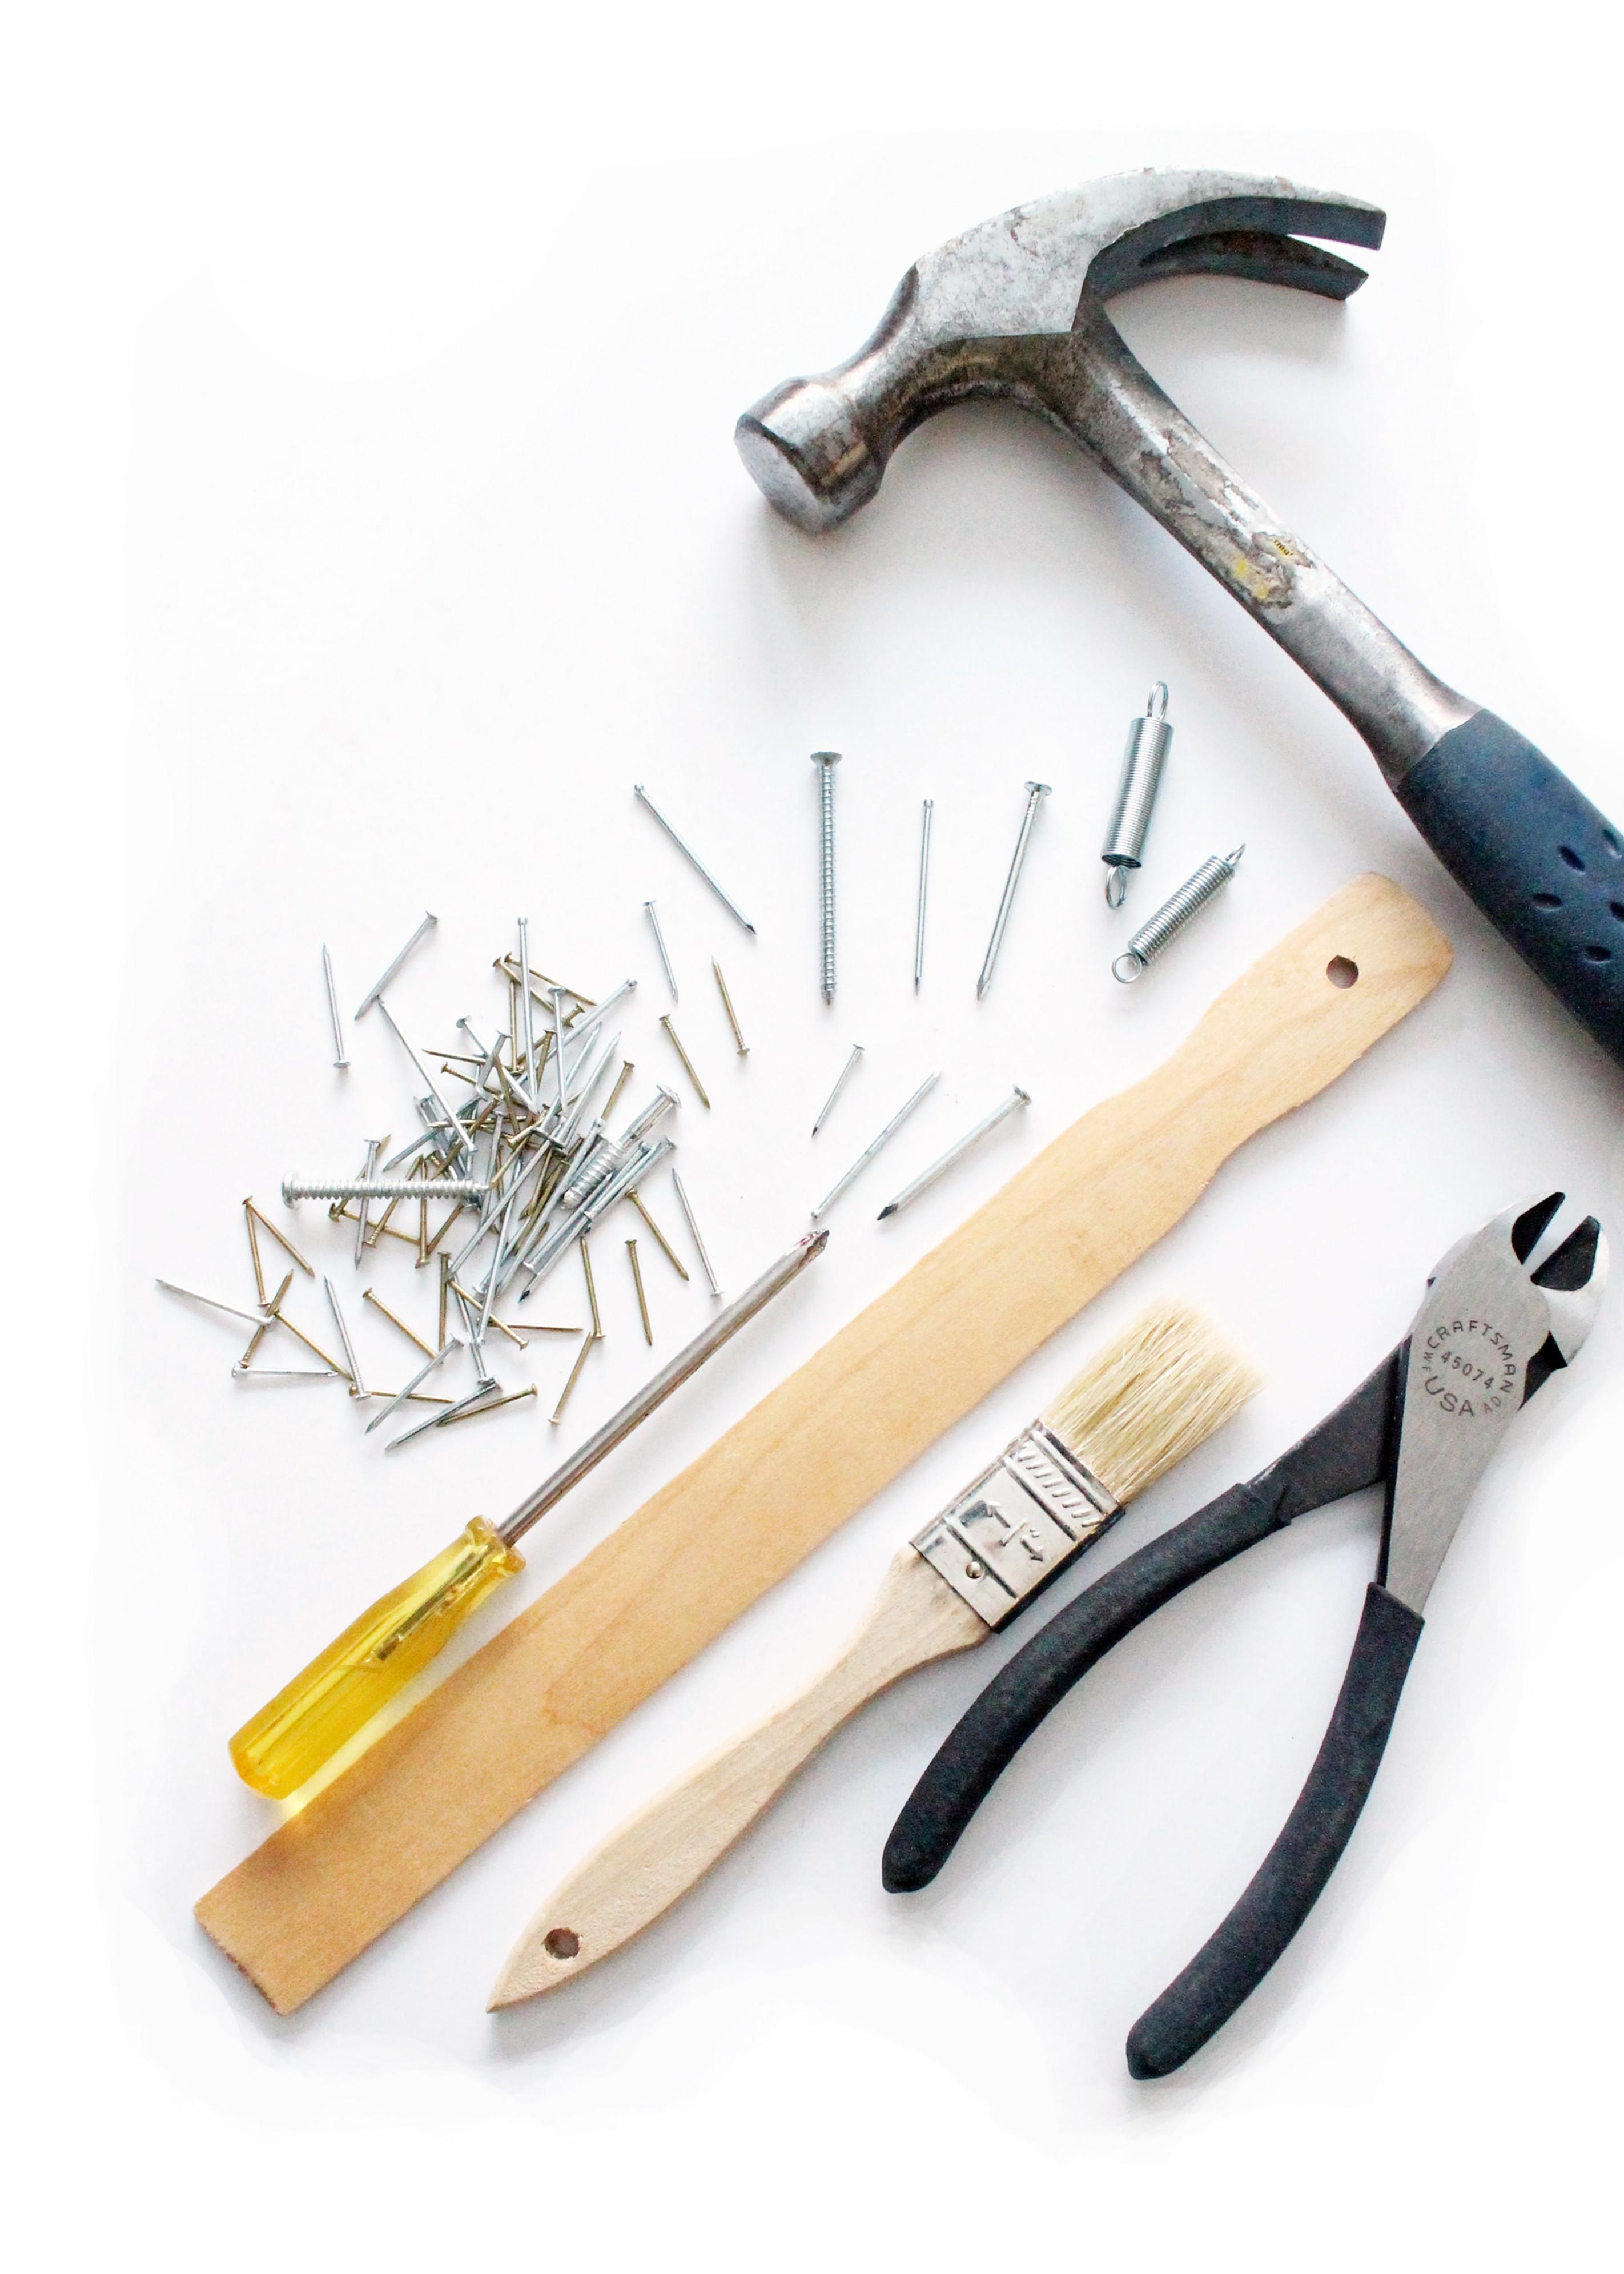 General Repairs & Maintenance